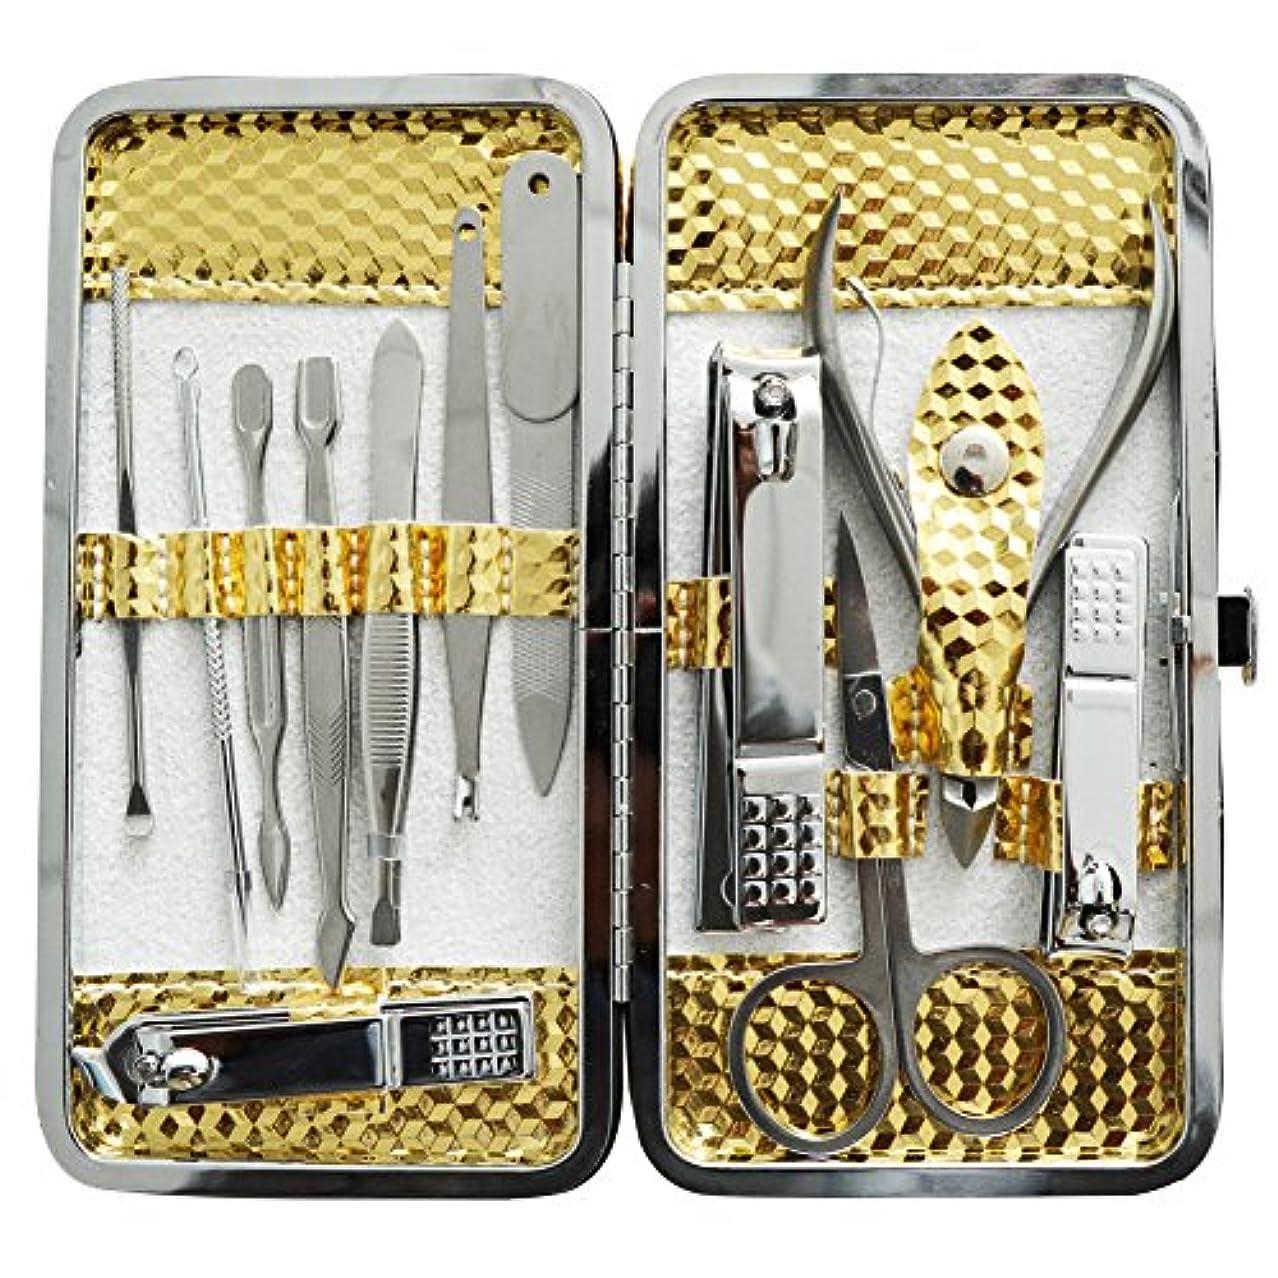 最大化する義務付けられた致命的な爪切りセット 耳掃除機 12枚はさみ、キューティクルをトリマー、耳かき、ナイフ